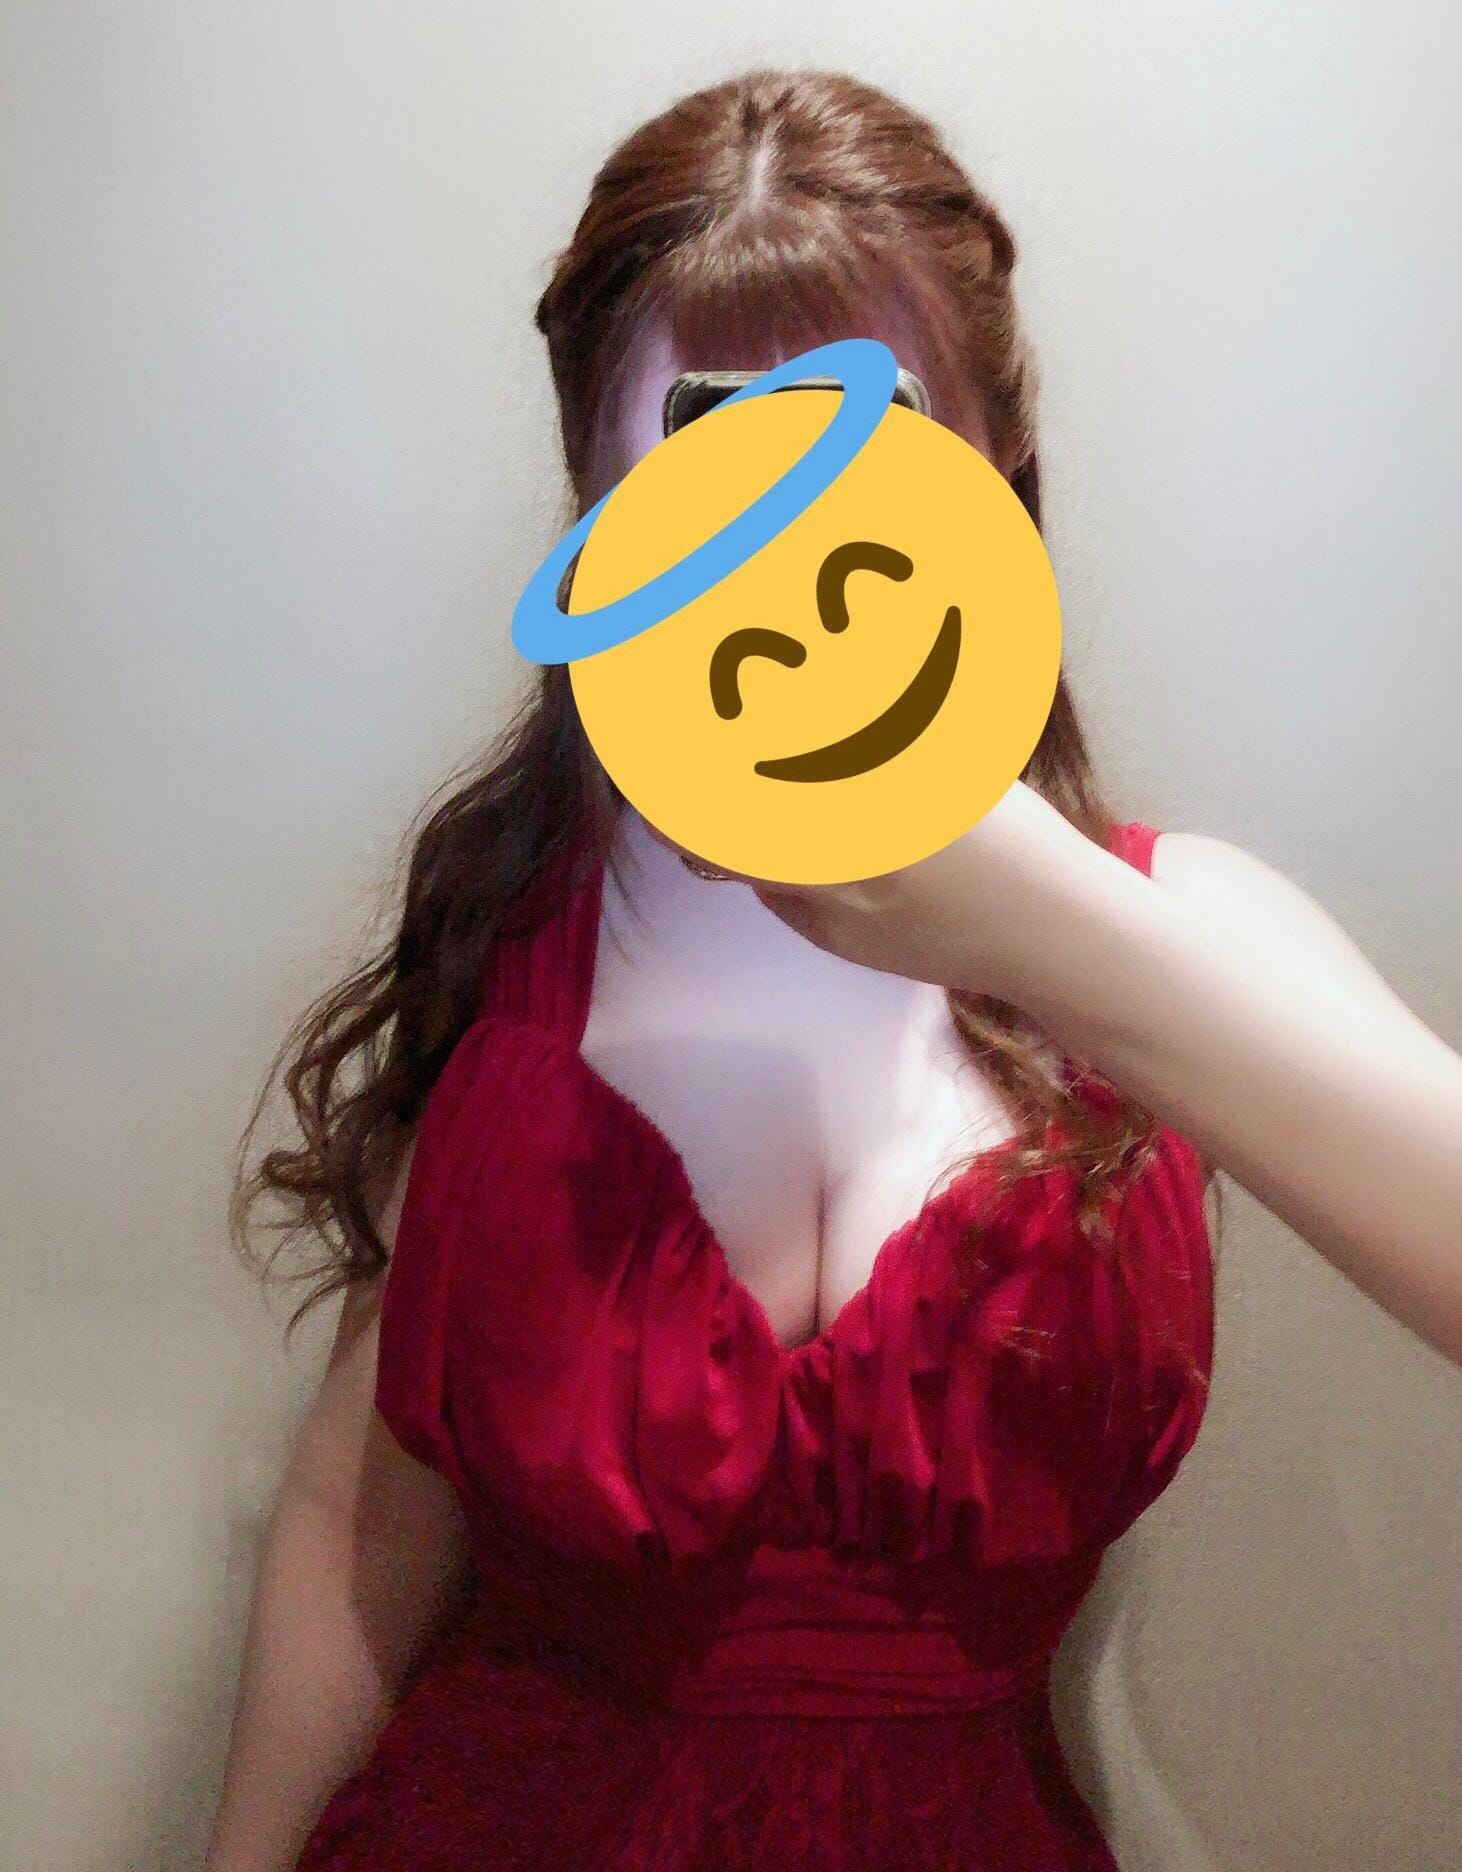 「24時まで受付してます」06/24(06/24) 20:42   河田 くるみの写メ・風俗動画